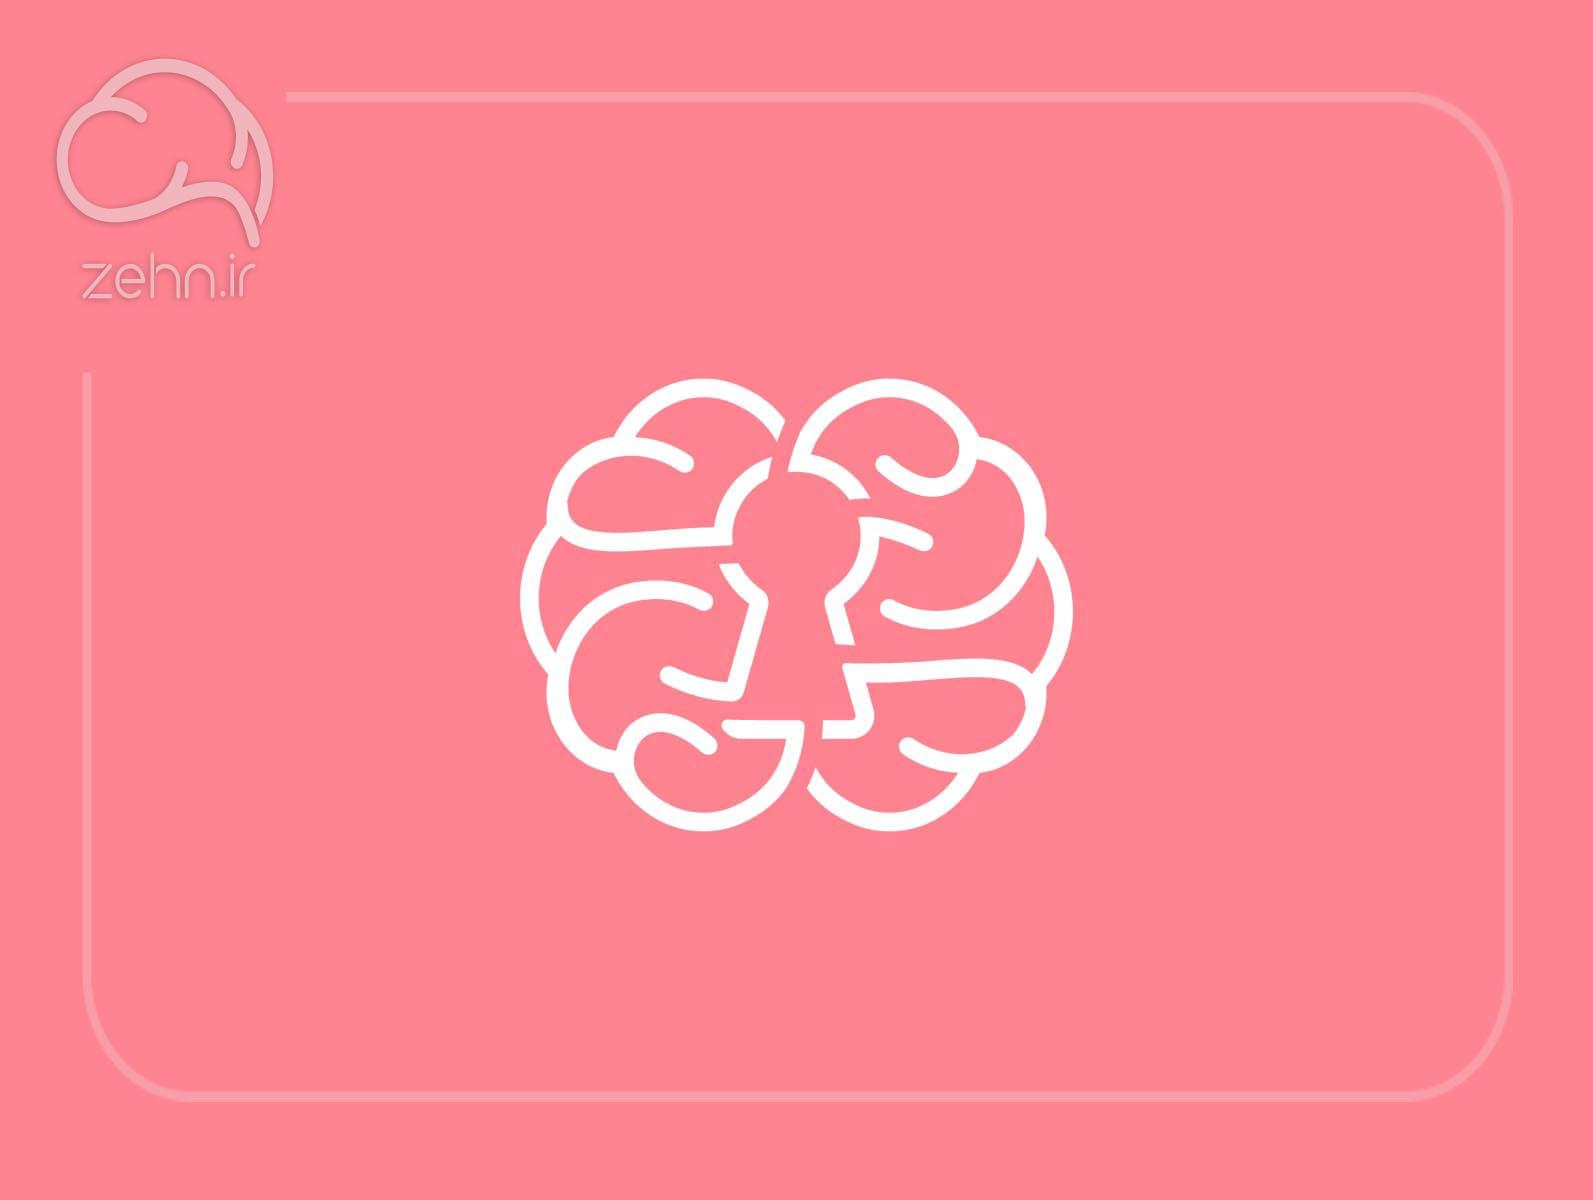 کلیدی برای قفل تا قدرت ماورائی ذهن شناخته شود.